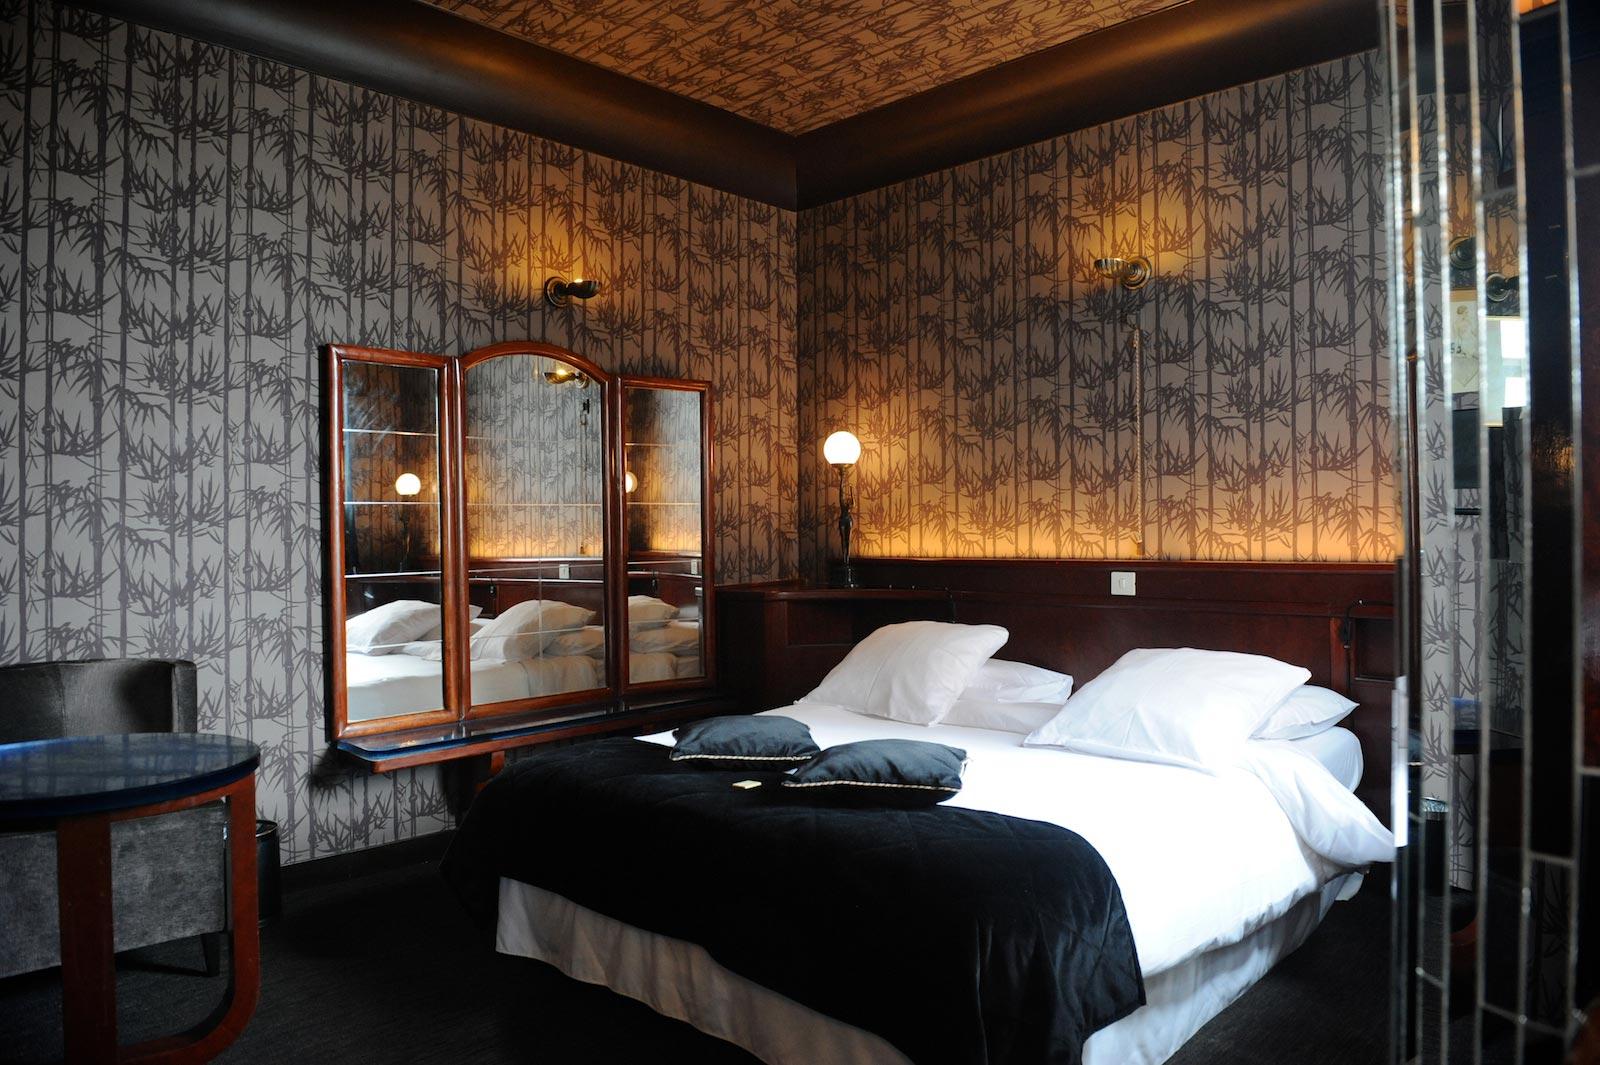 hotel-le-berger-rooms-superieur-ambre-08-10.jpg